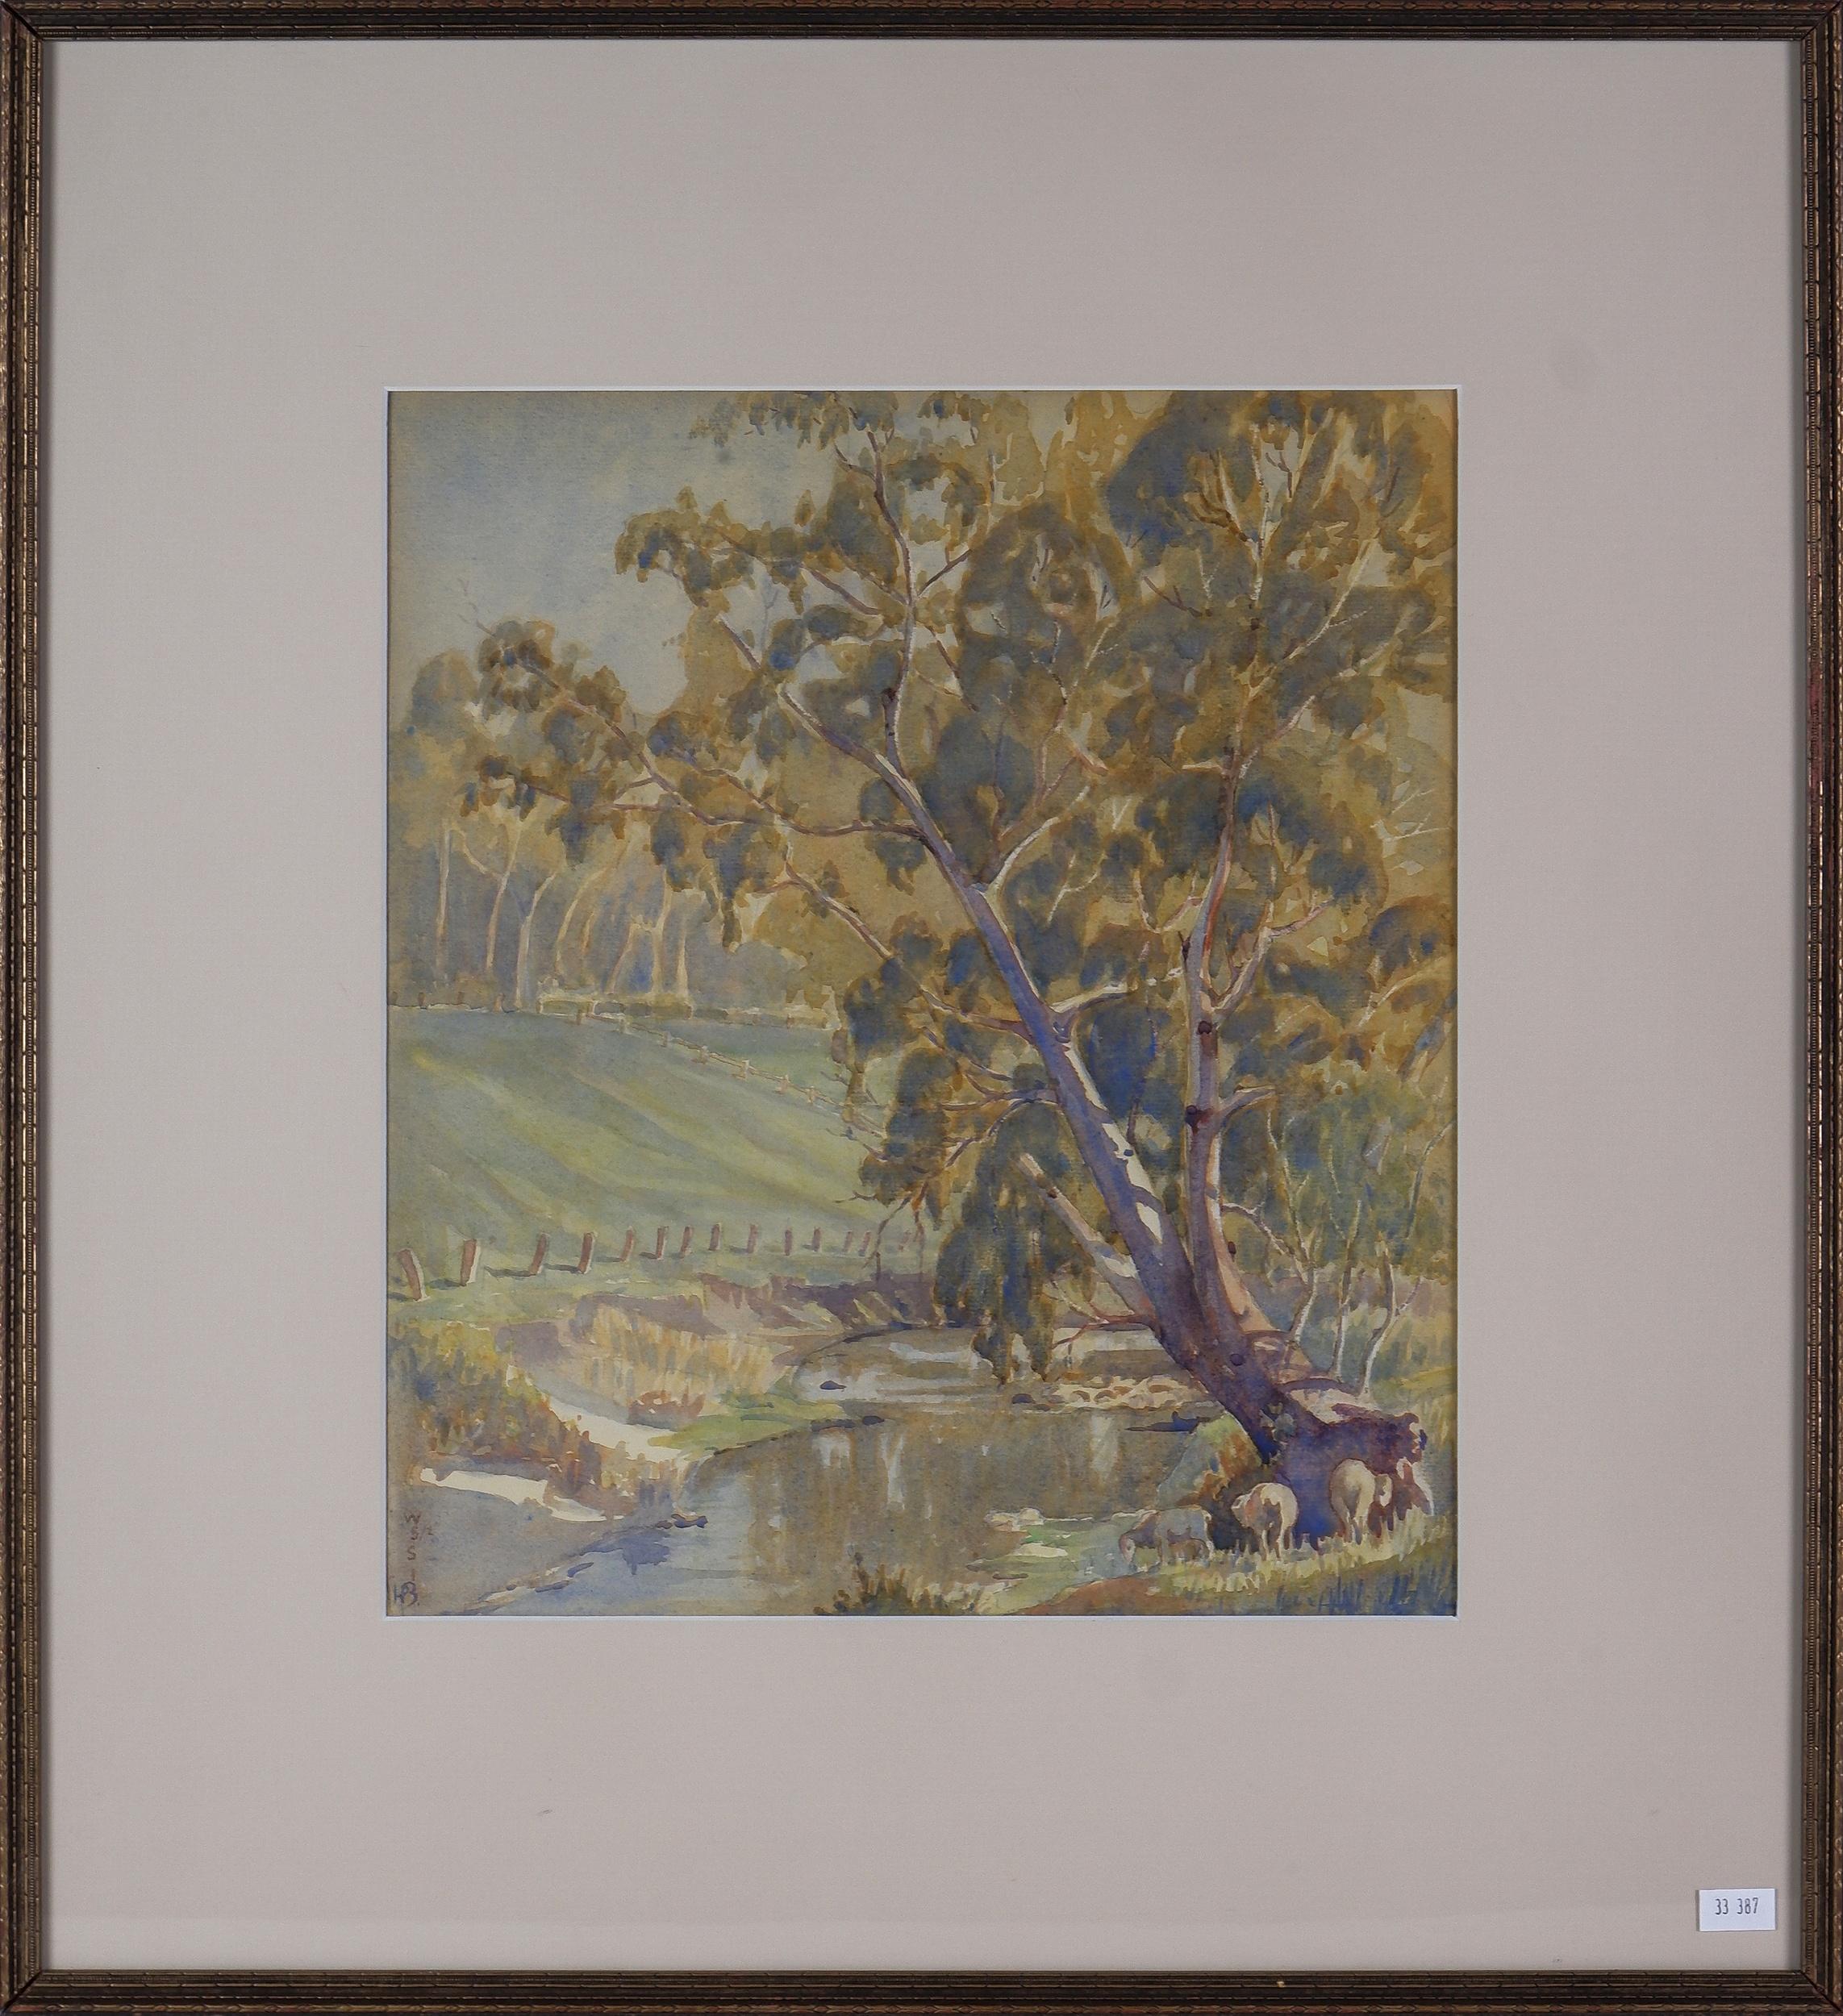 'Herbert Barringer (1886-1946), South Australian Landscape, Watercolour on Paper'